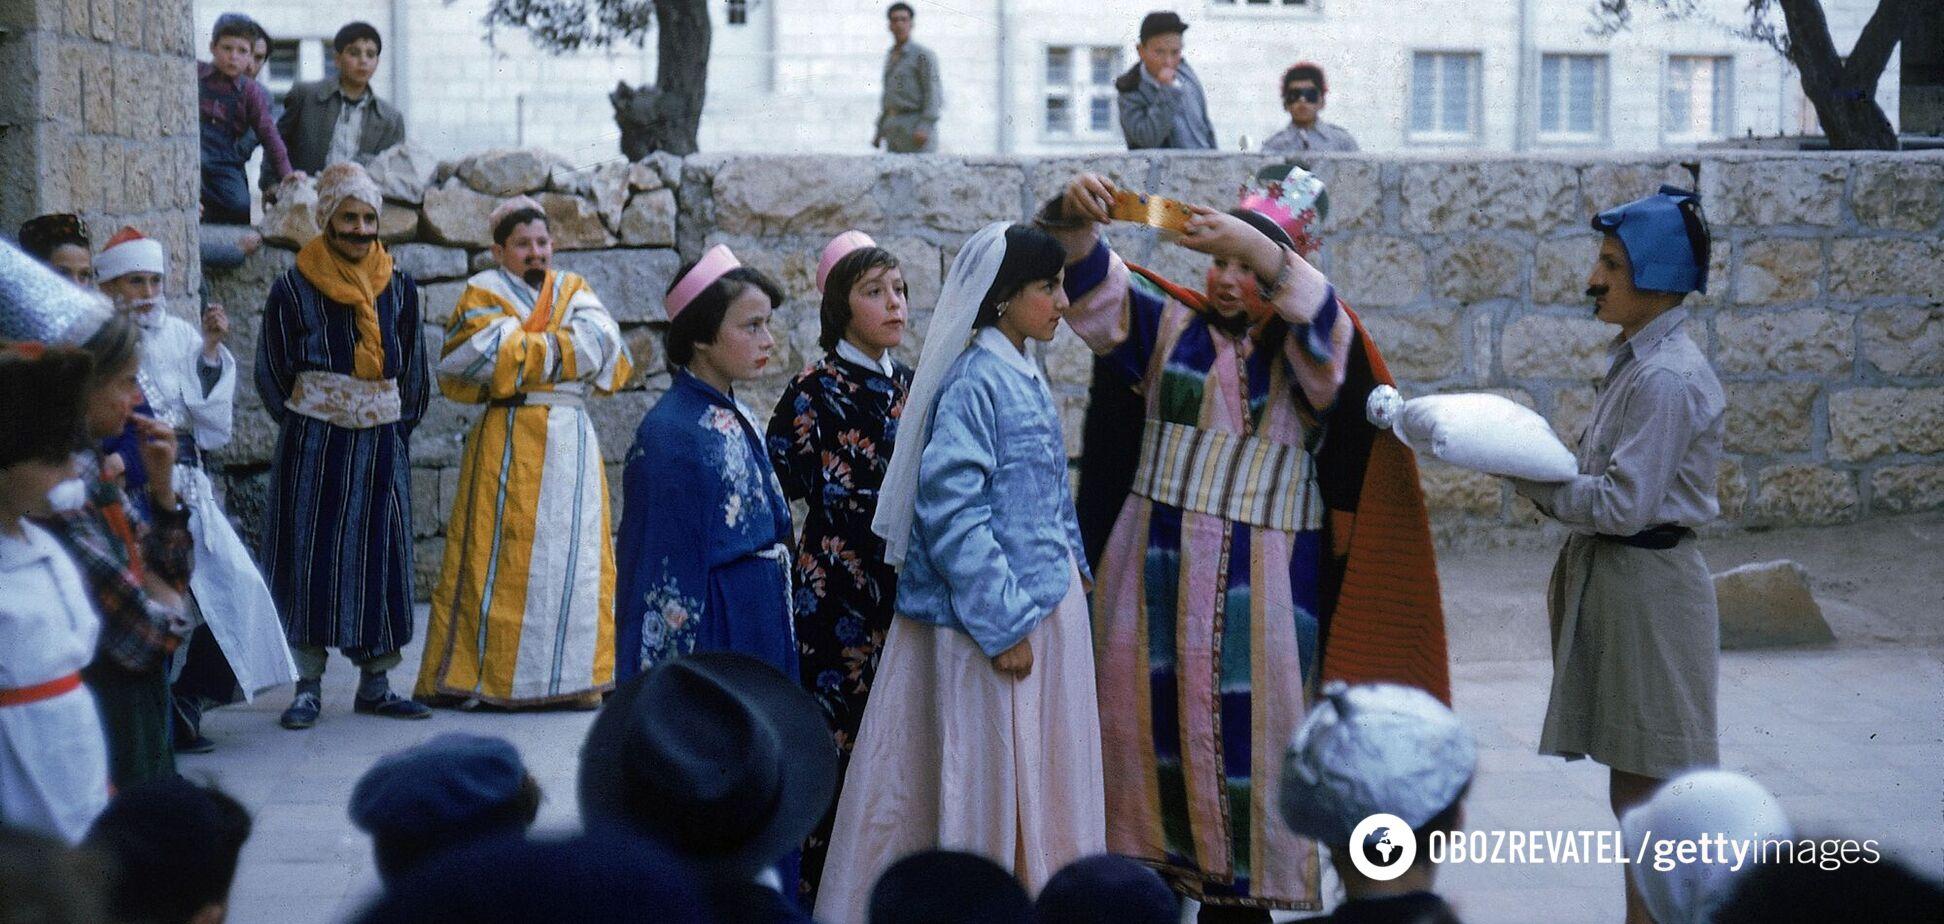 Дата Пурима не является фиксированной, так как привязана к еврейскому лунно-солнечному календарю